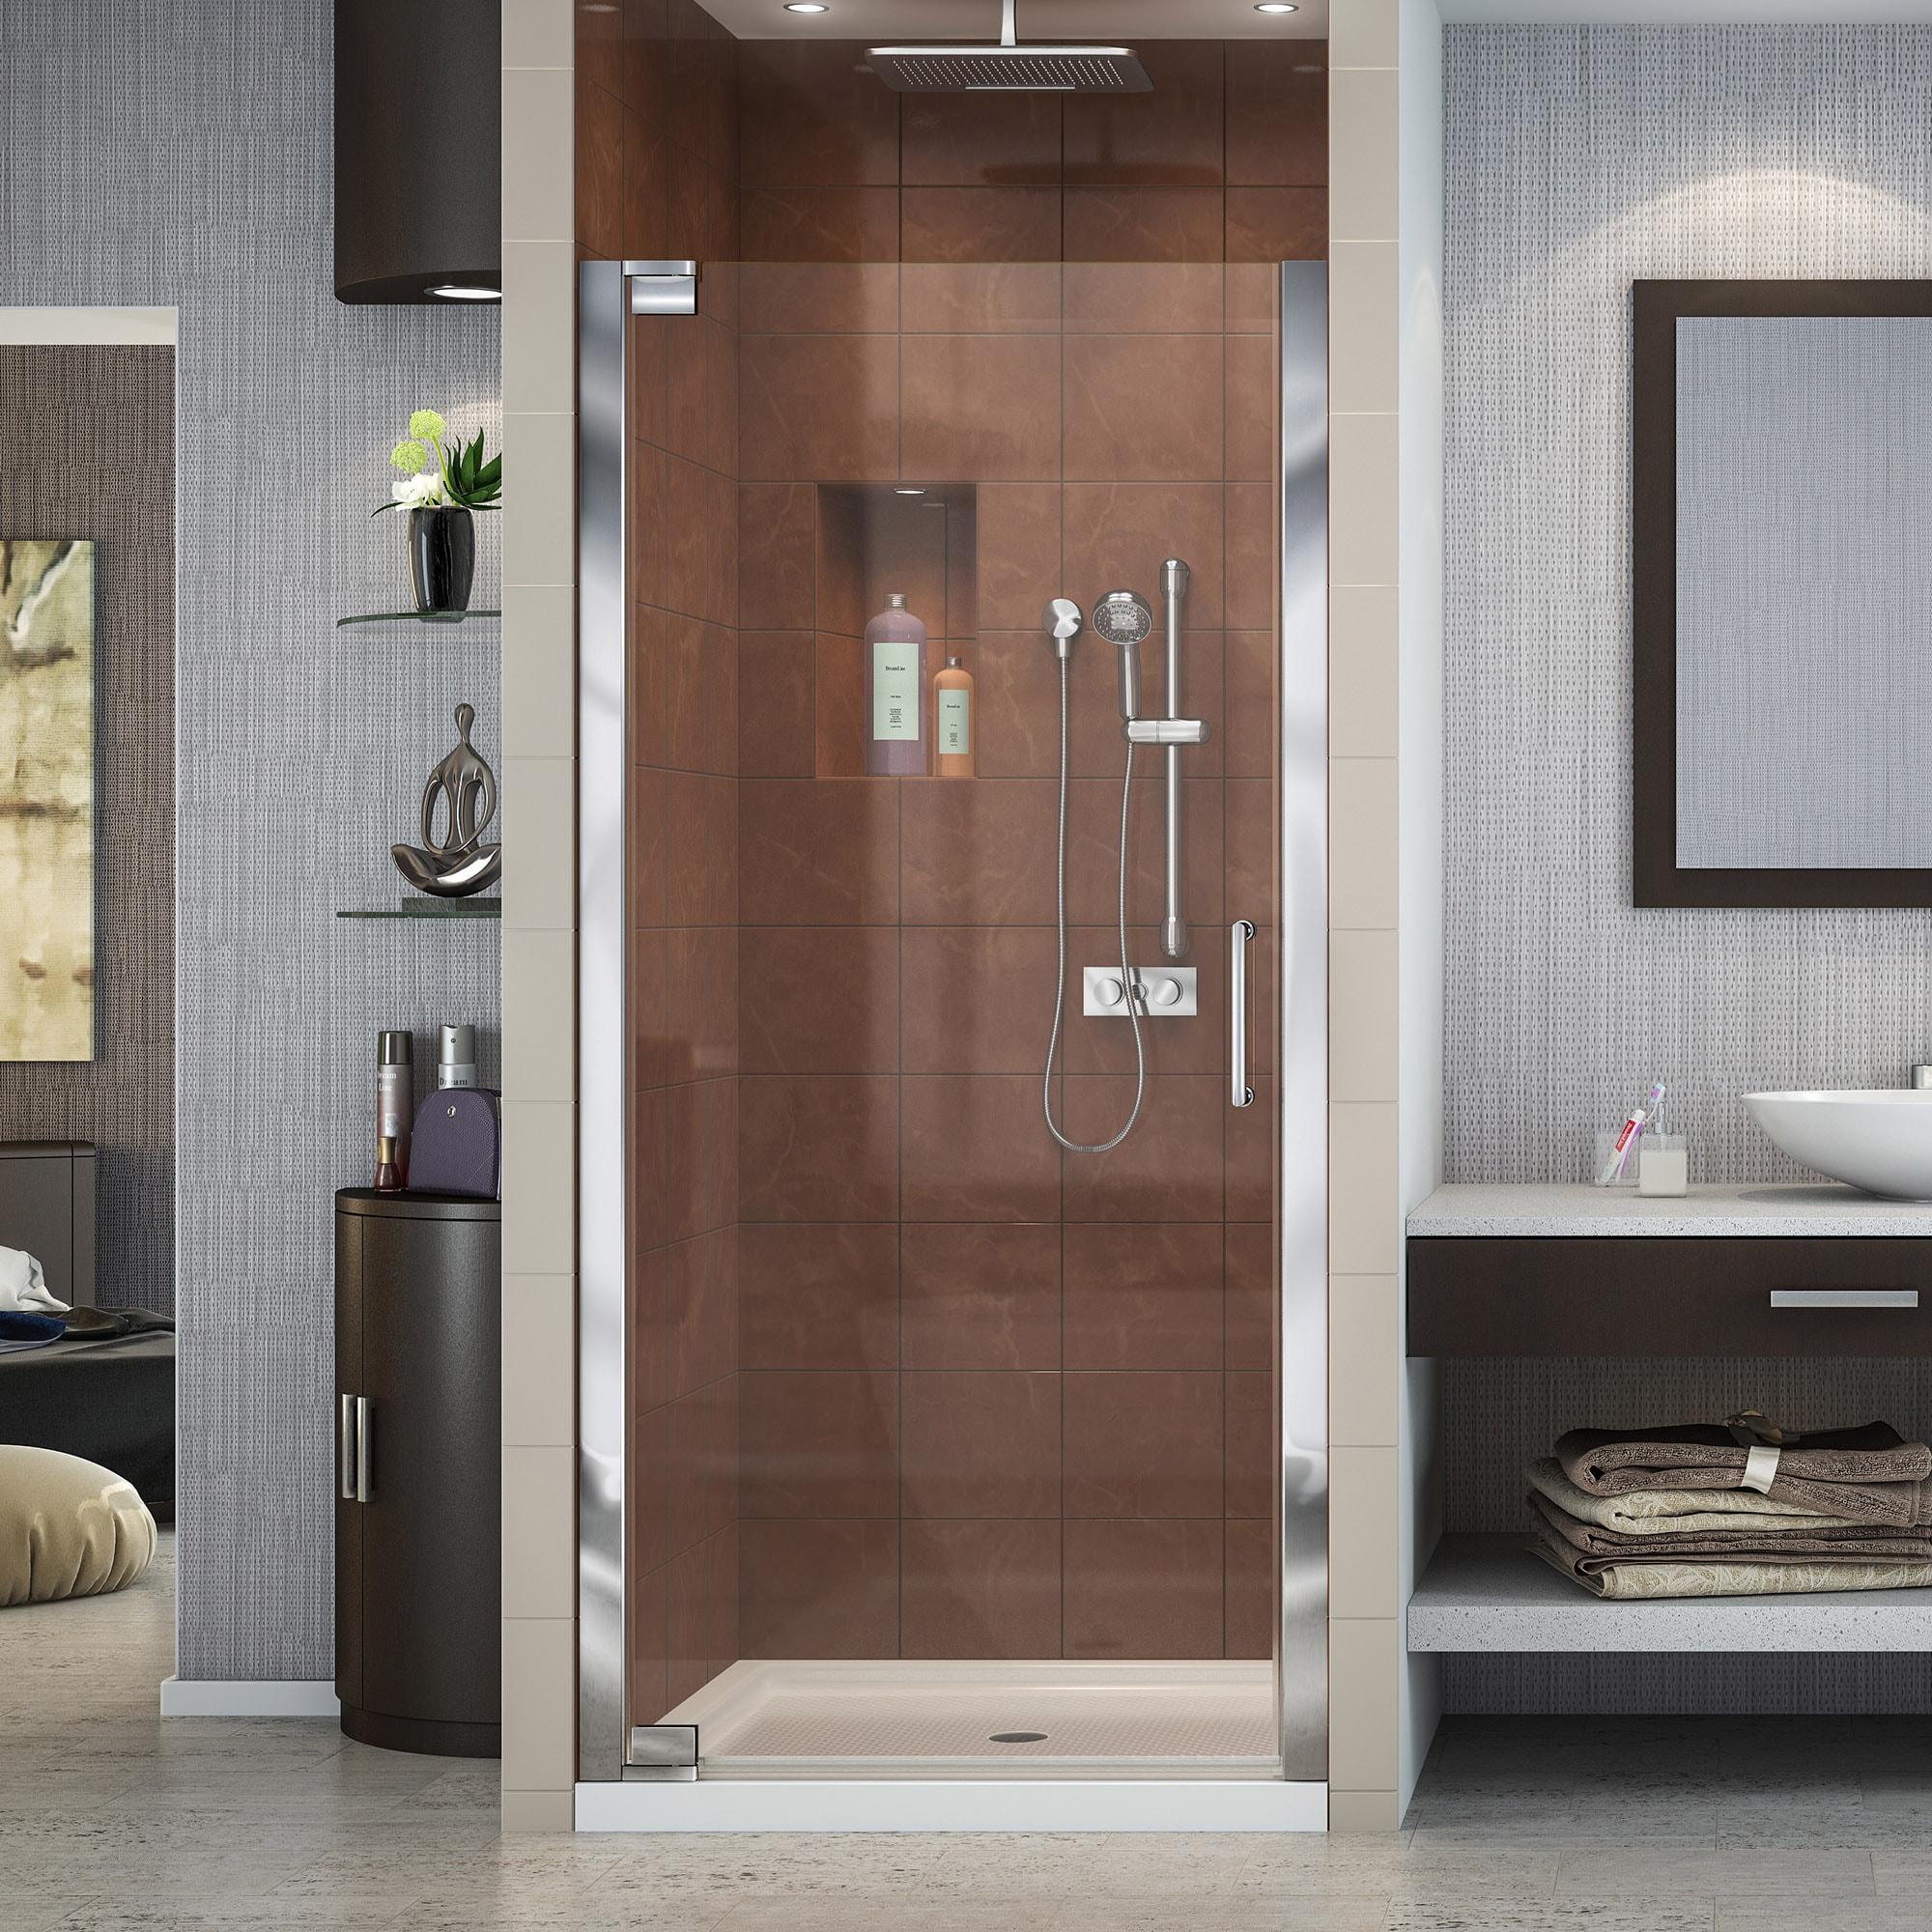 Dreamline Shdr 4134720 01 Elegance 34 To 36 Frameless Shower Door